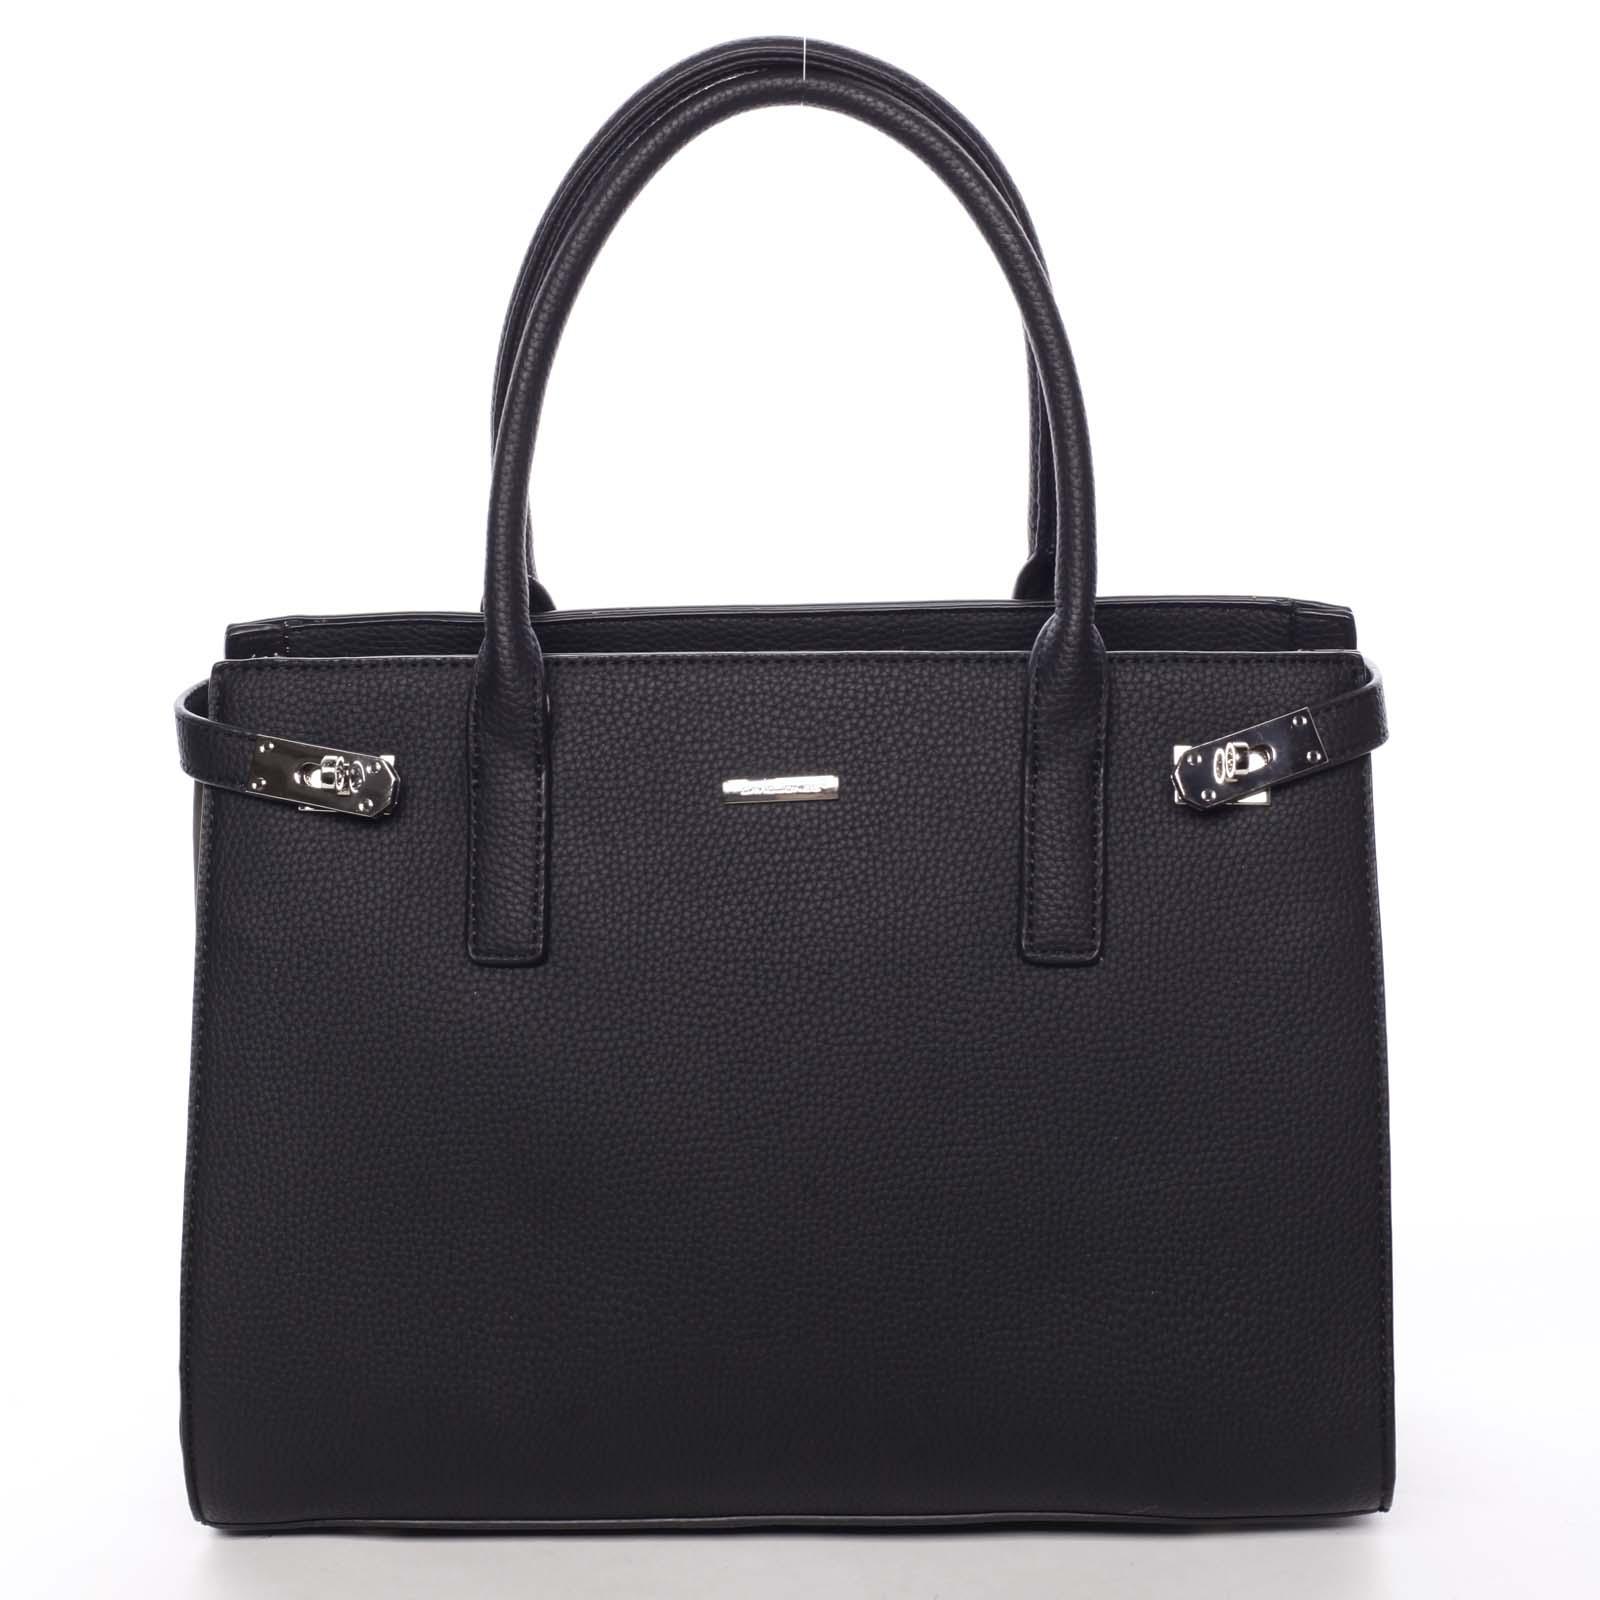 Atraktivní dámská kabelka do ruky černá - David Jones Eugenie